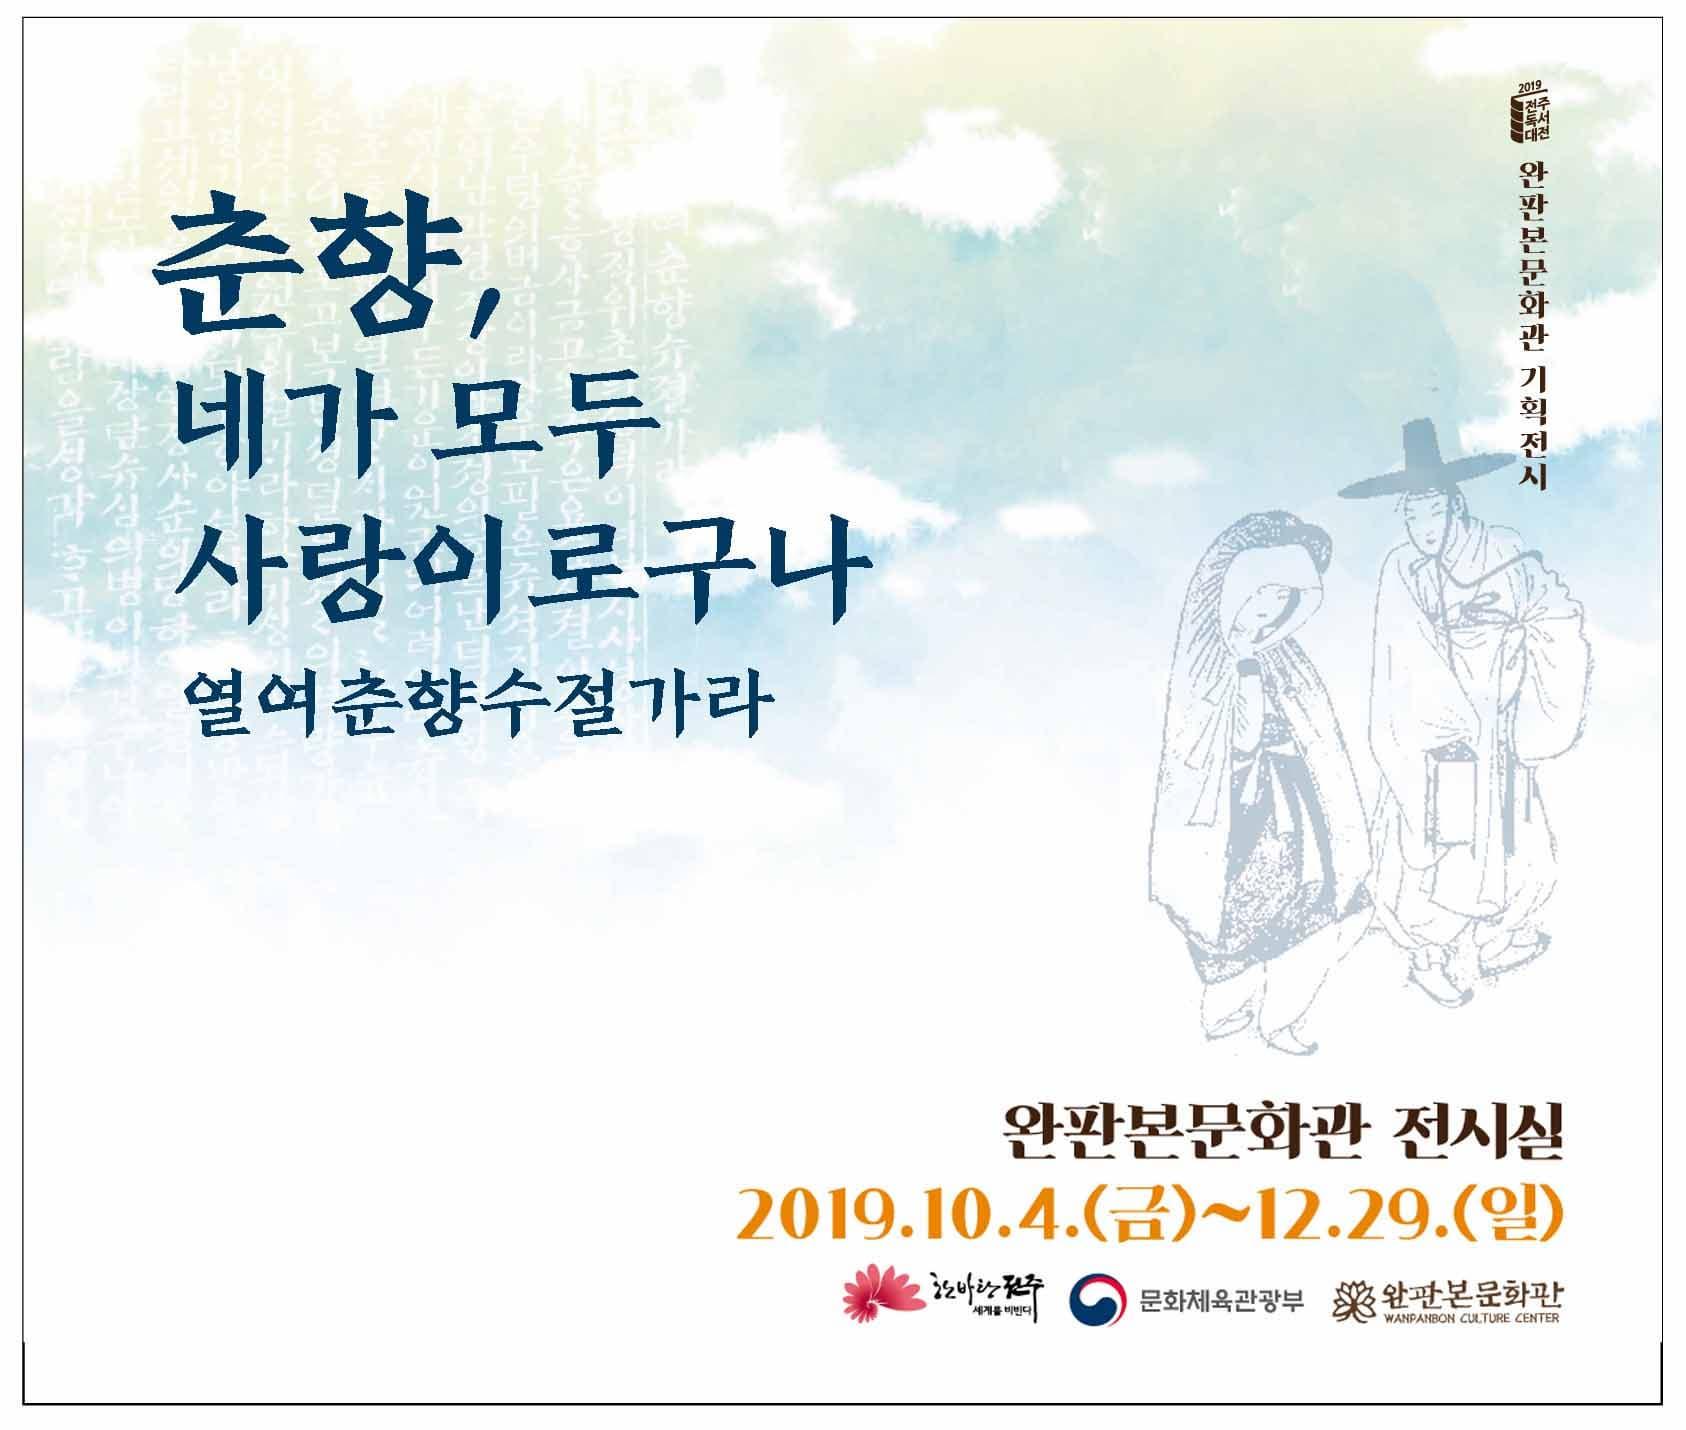 [판본문화관 기획전] '춘향, 네가 모두 사랑이로구나 열여춘향수절가라'